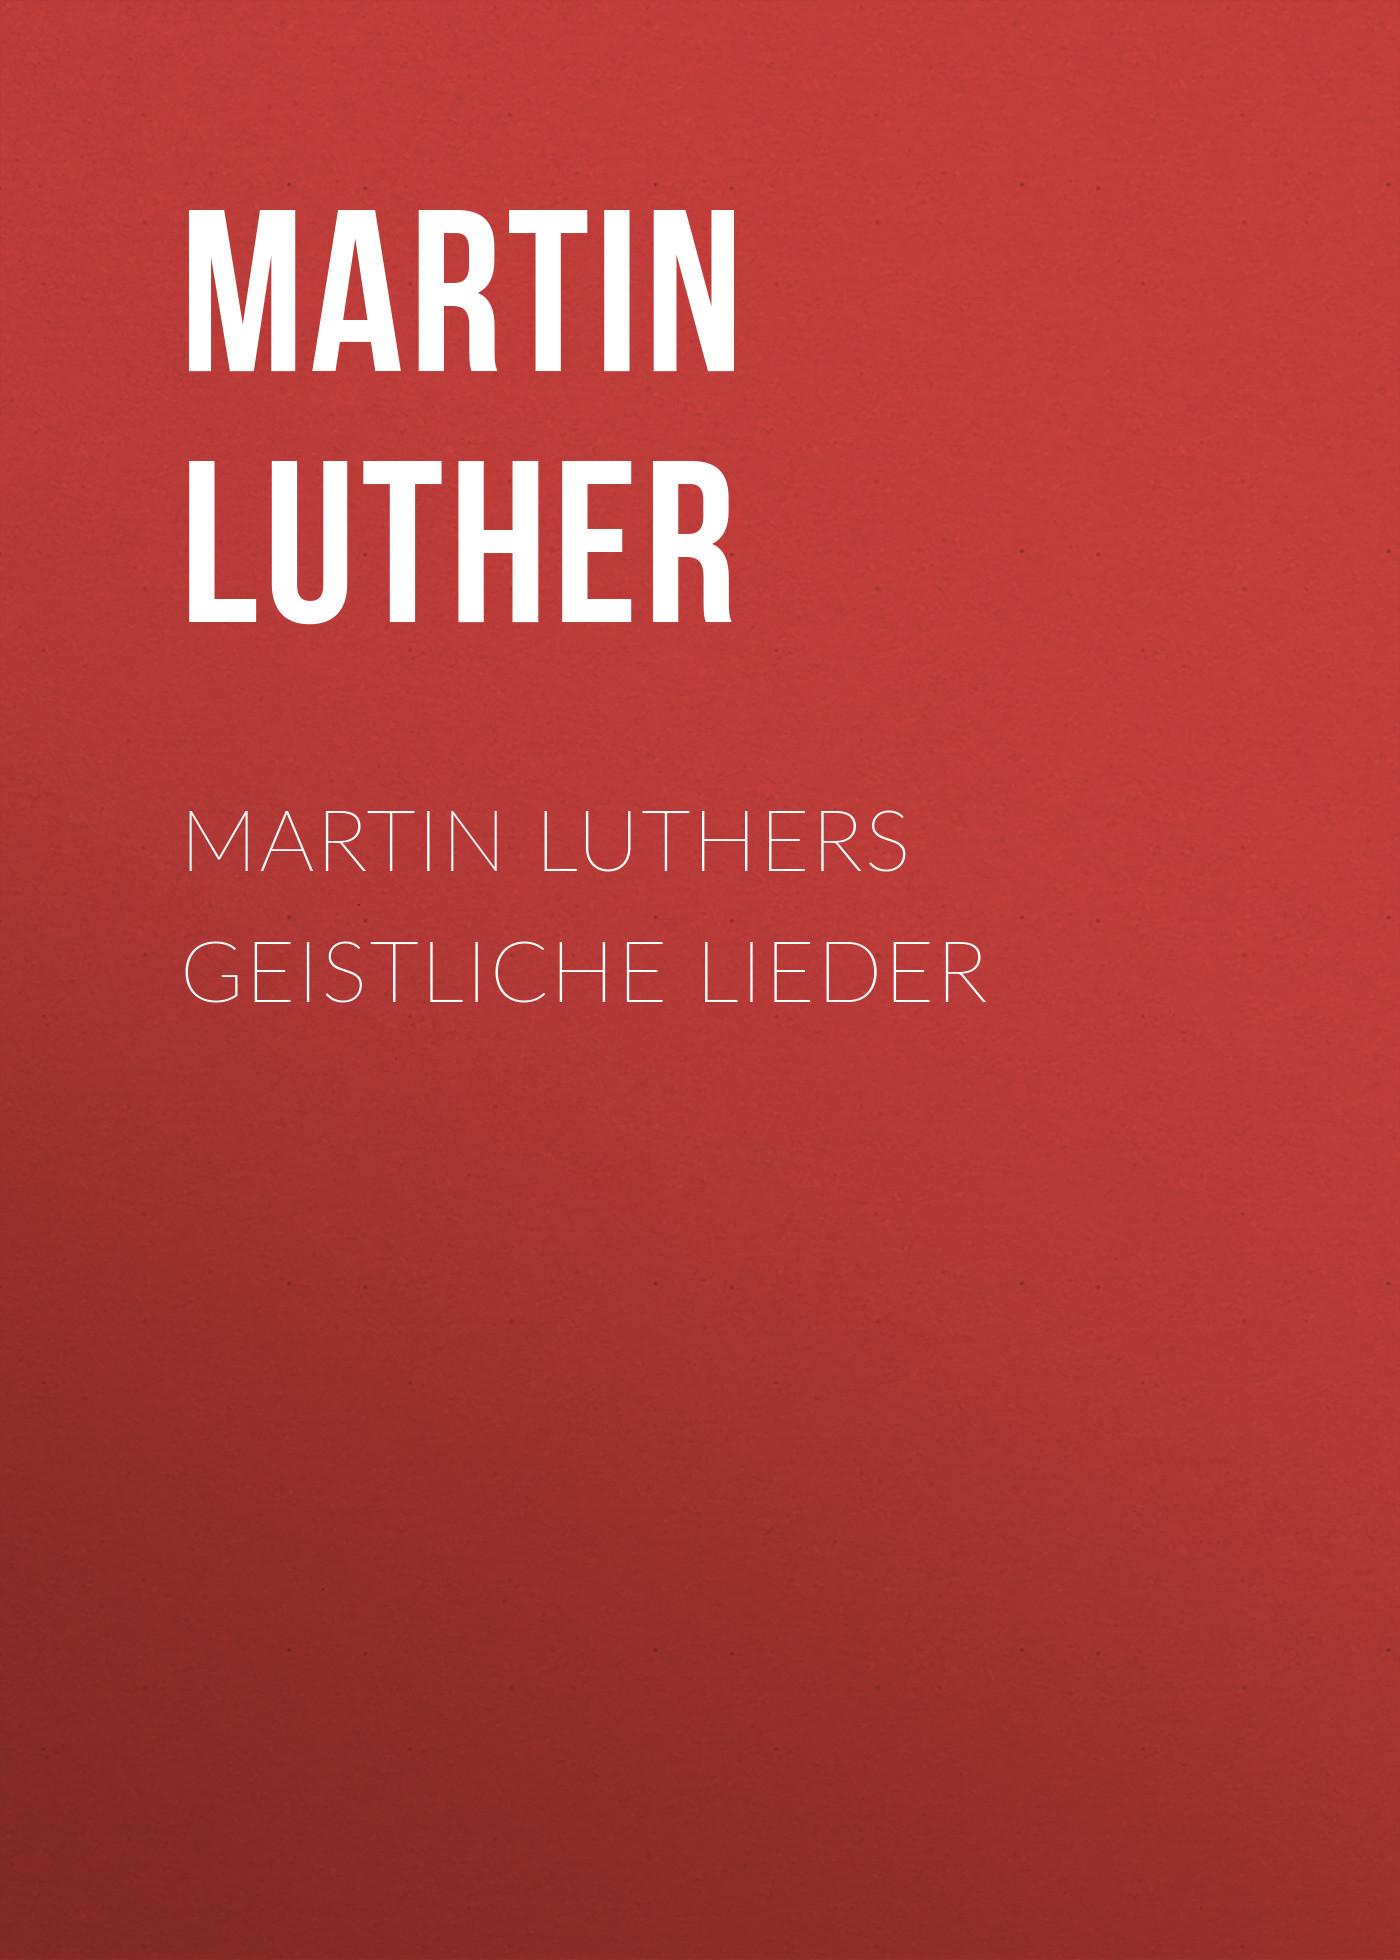 Martin Luther Martin Luthers Geistliche Lieder